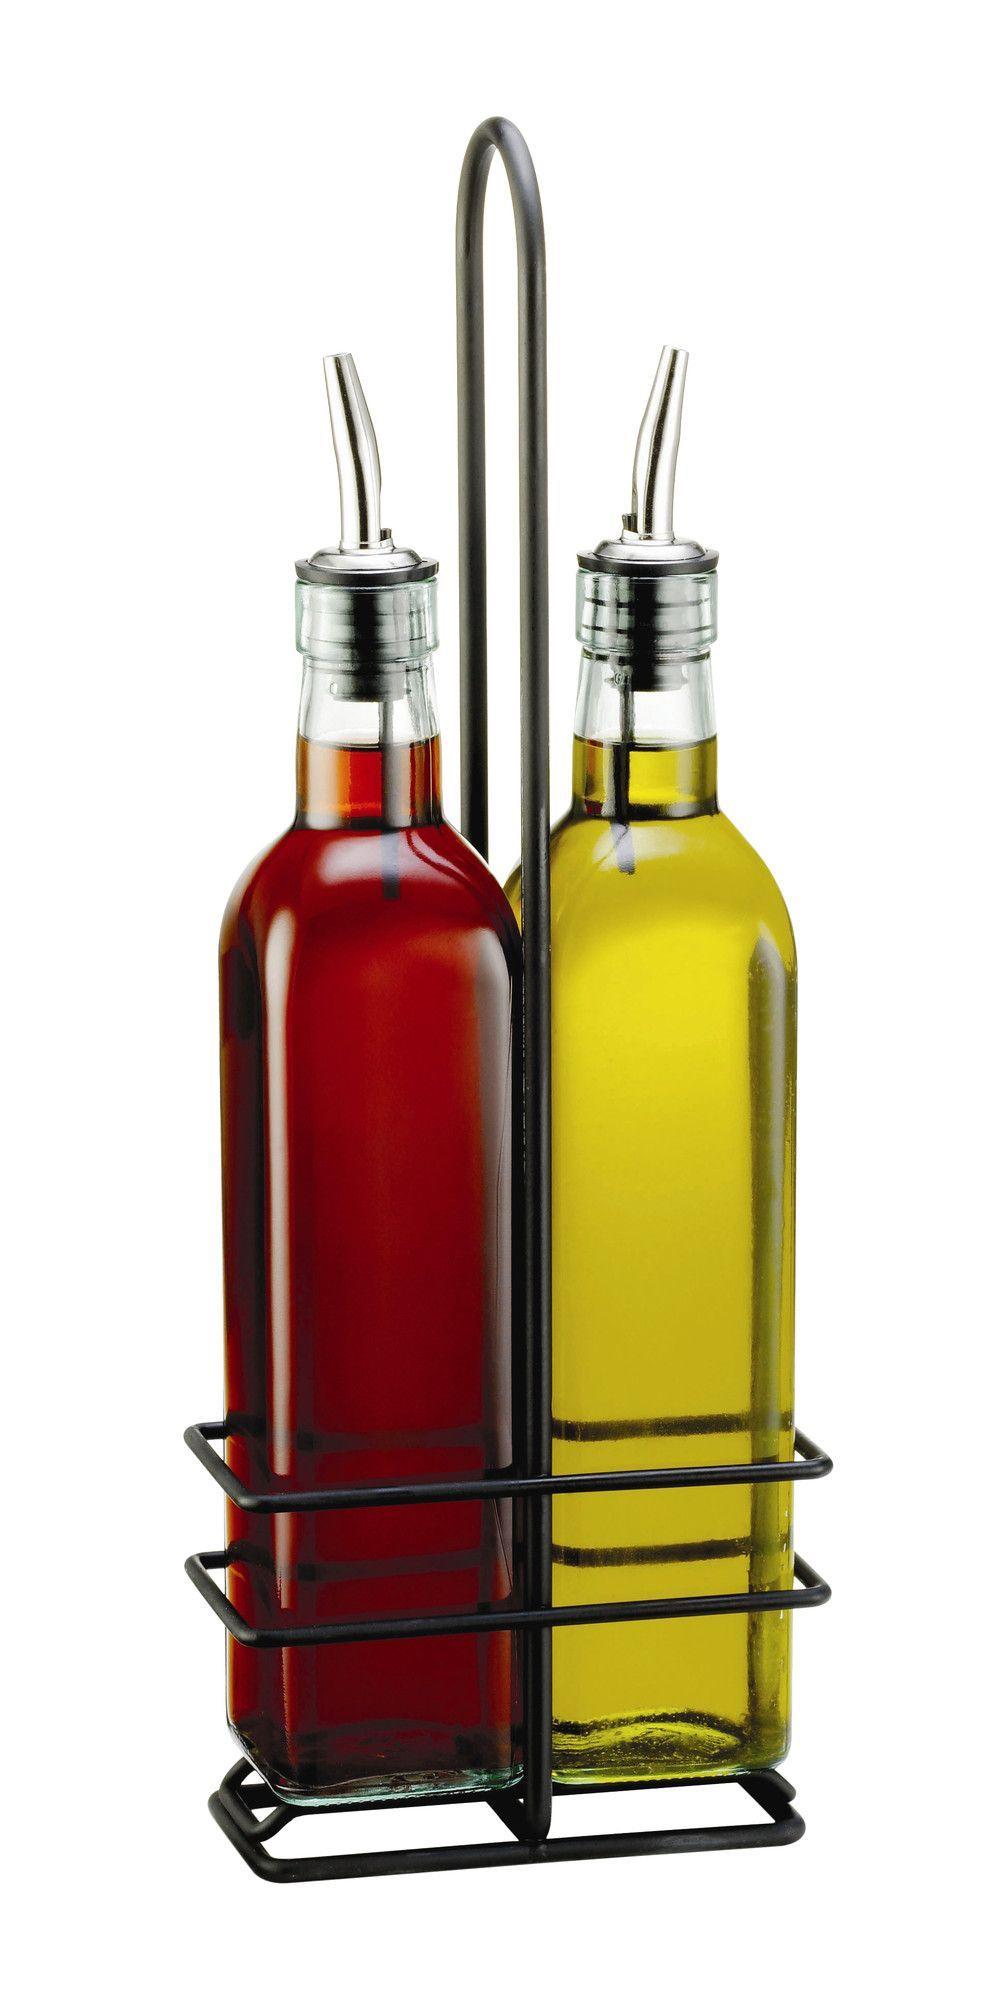 16 Oz Prima 3 Piece Olive Oil Bottle Set Olive Oil Bottles Olive Oil Dispenser Oil Bottle